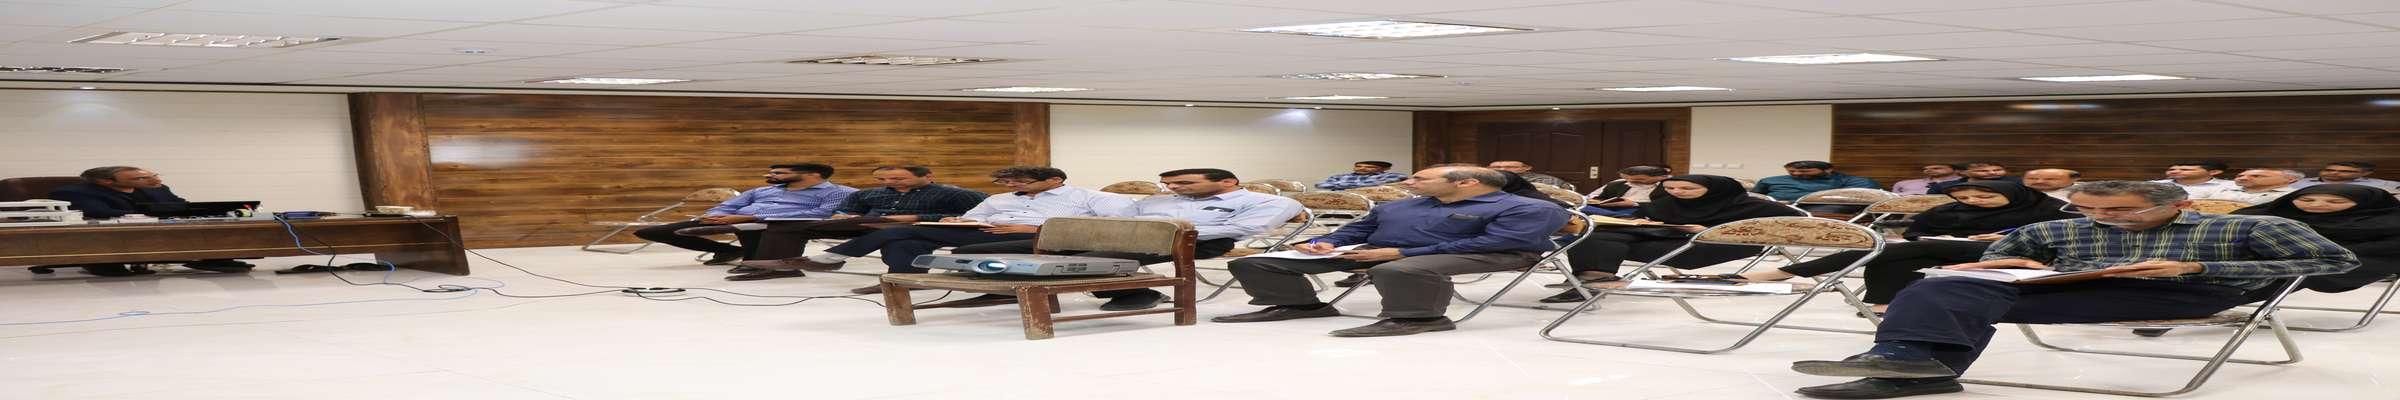 """برگزاری سمینار آموزشی"""" کاربرد سایتهای تخصصی در سنجش از دور"""" در شرکت آبیاری  کرخه و شاوور"""